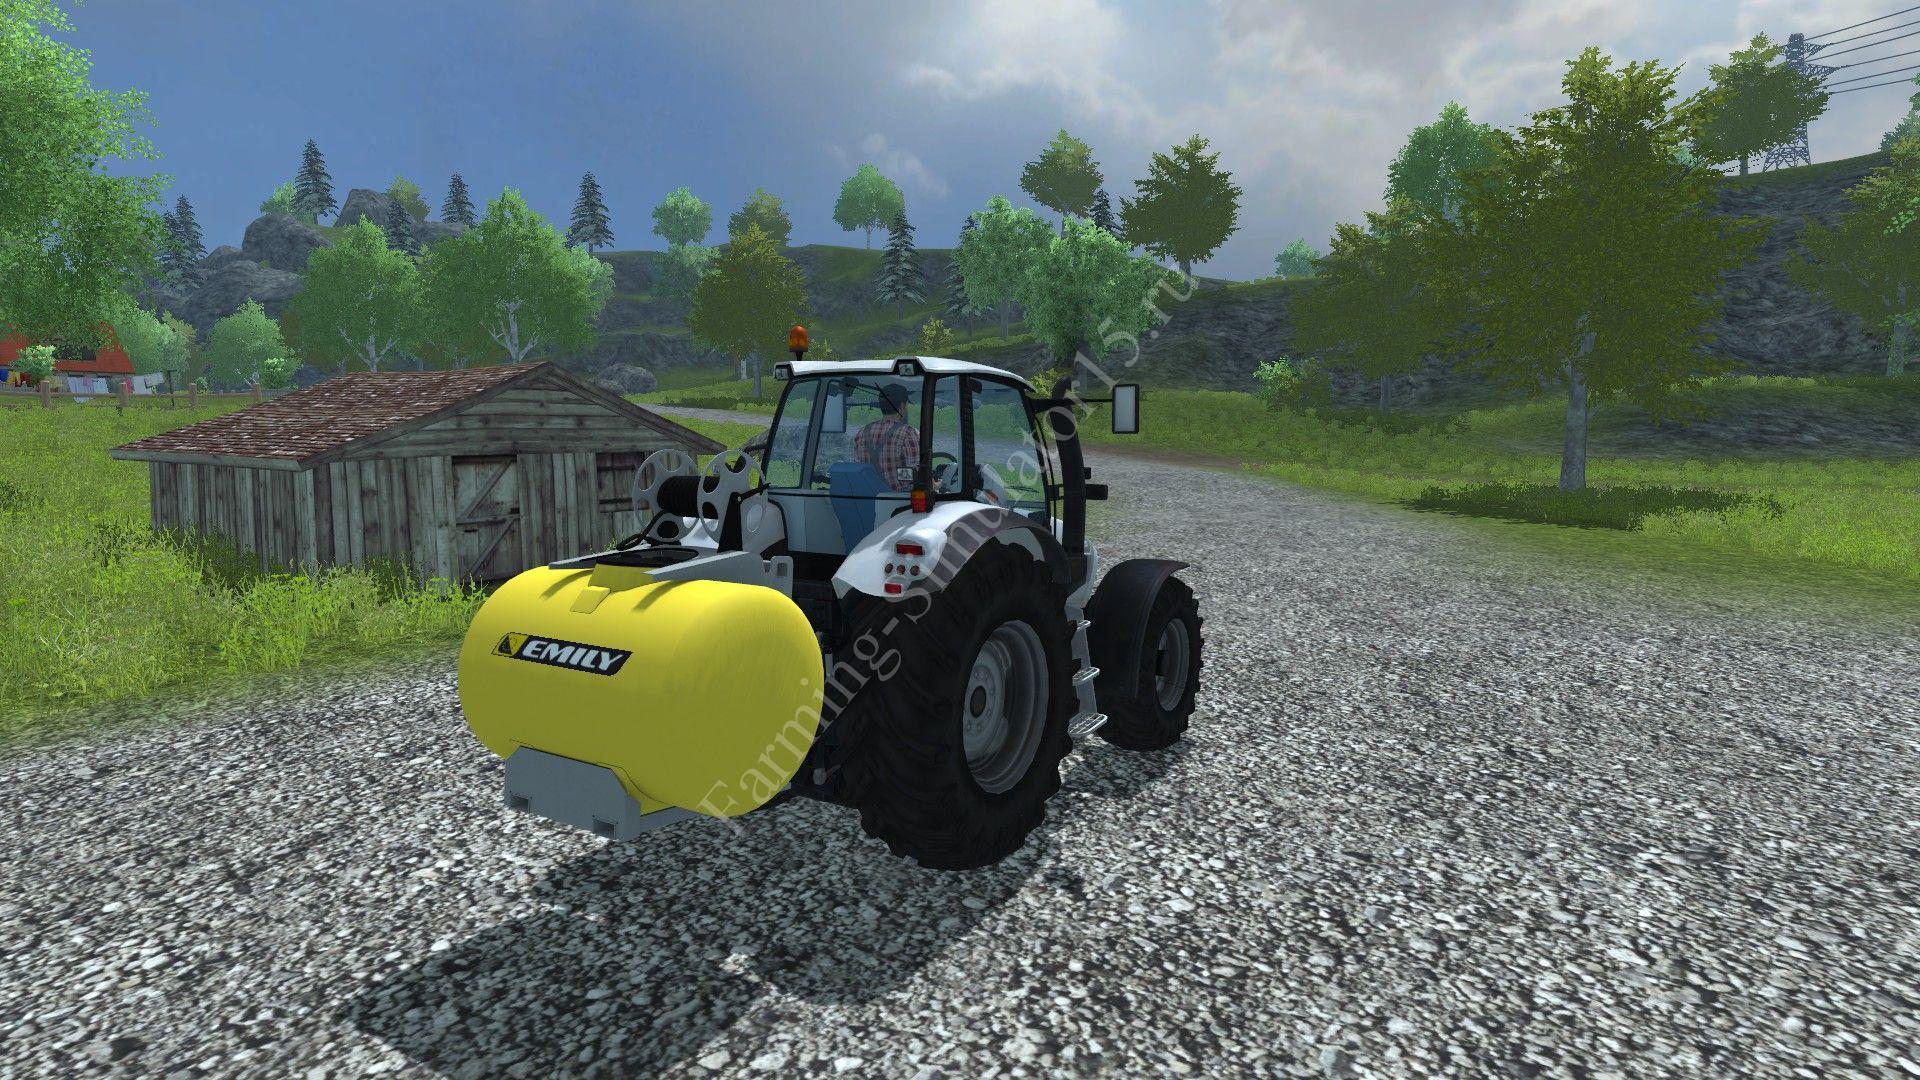 Мод мойки Laveur car porter Emily v 1.0 Farming Simulator 2013, Farming Simulator 13